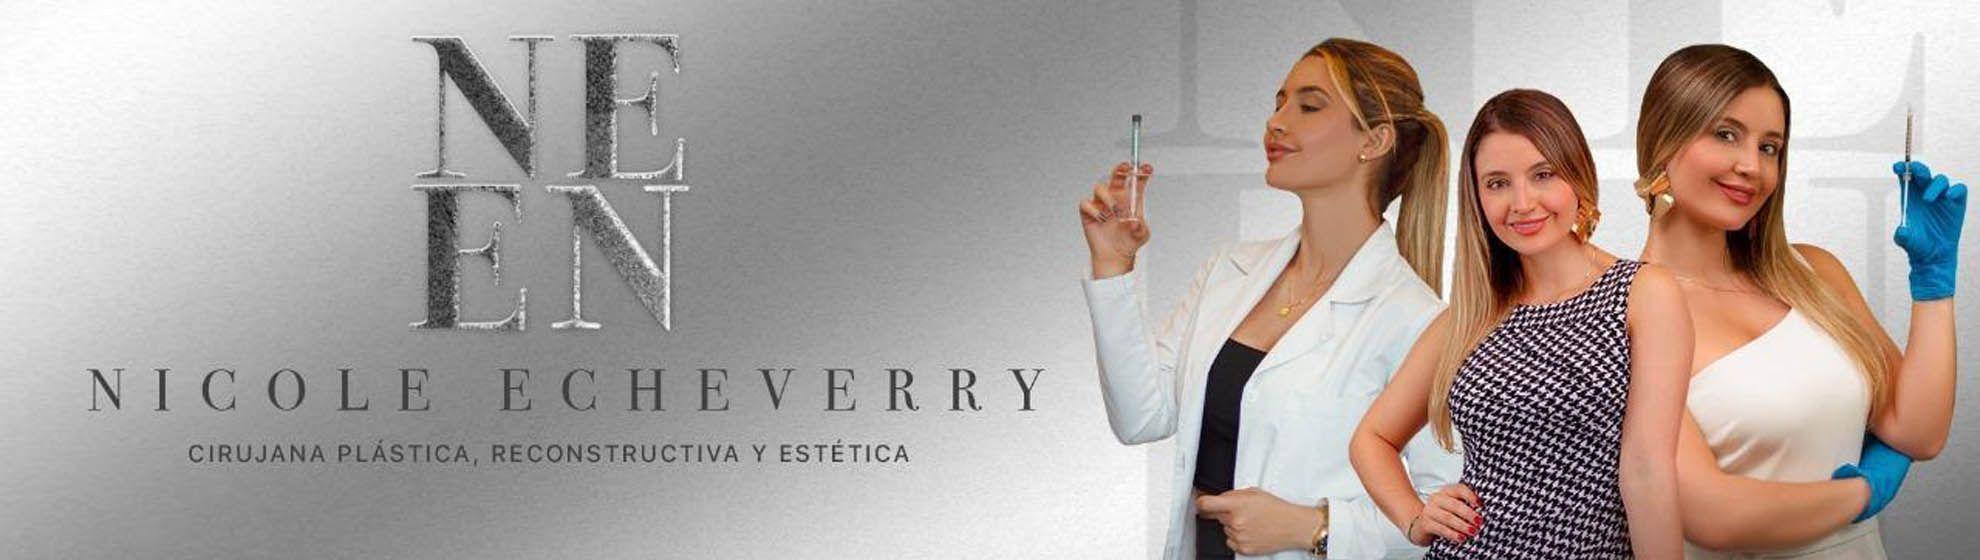 Dra. Nicole Echeverry